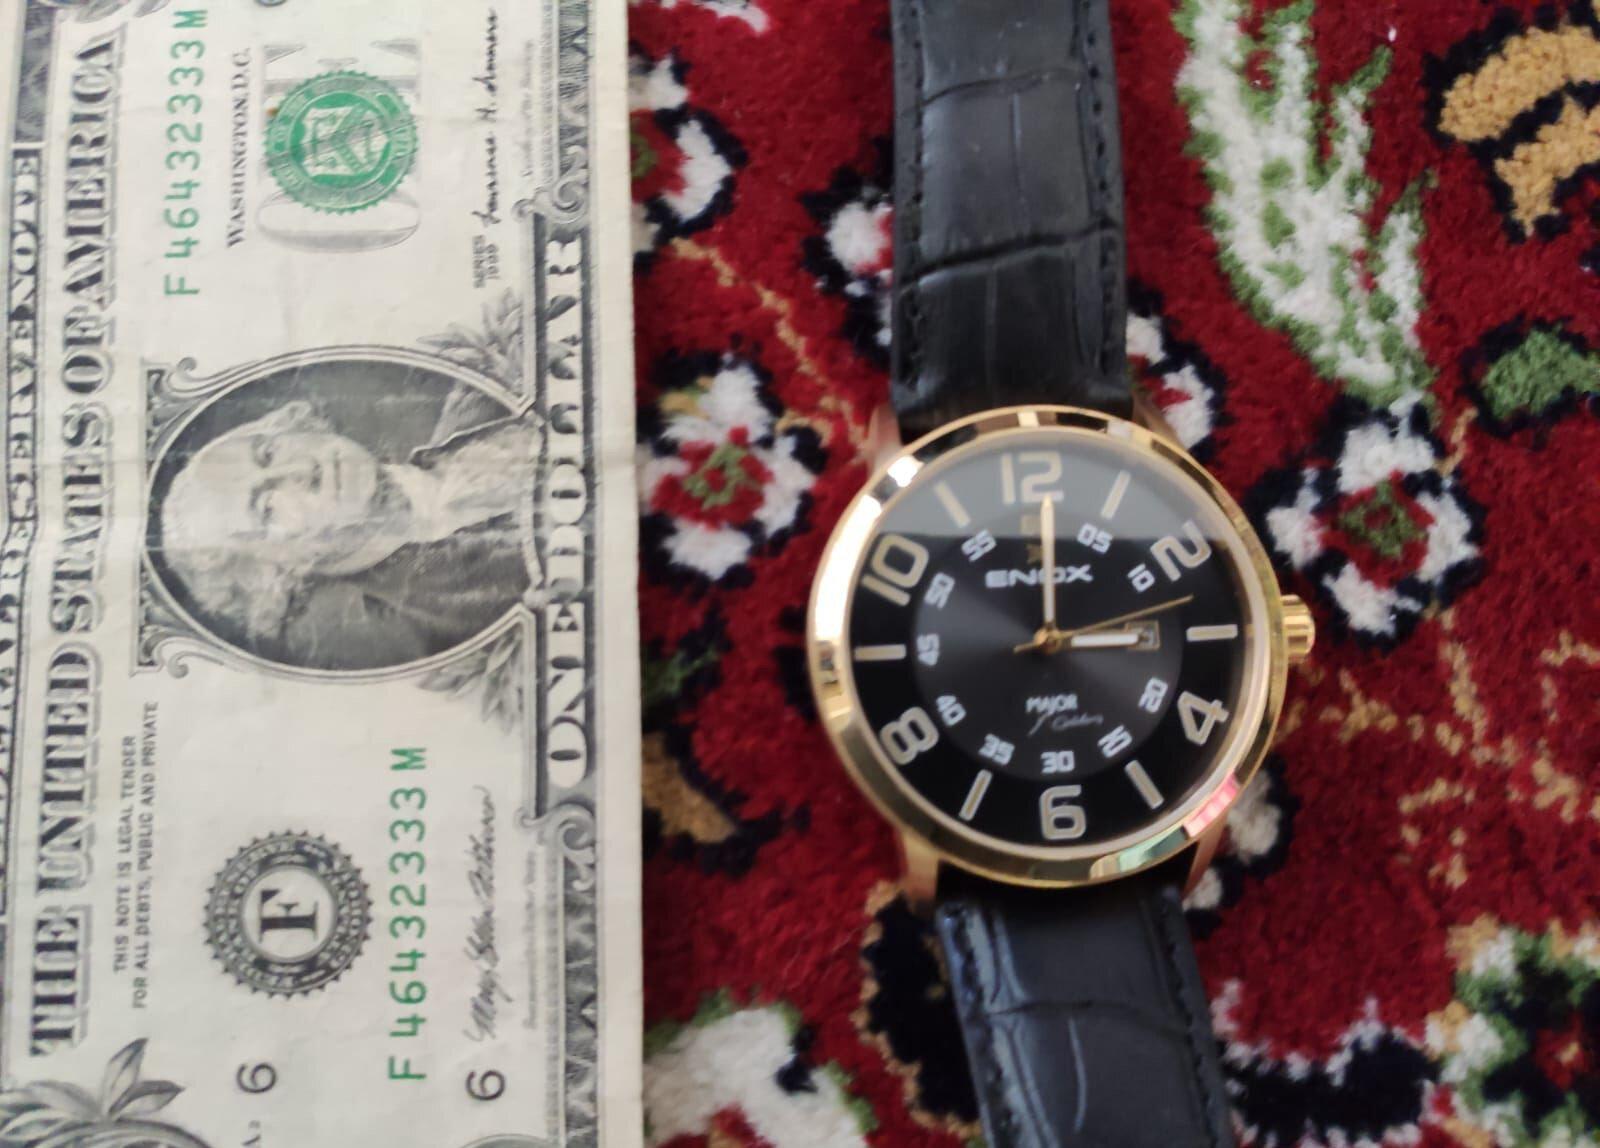 Operasyonlarda yapılan aramalarda (F) serisi 1 dolar ve FETÖ elebaşı imzalı bir kol saati ele geçirildi.